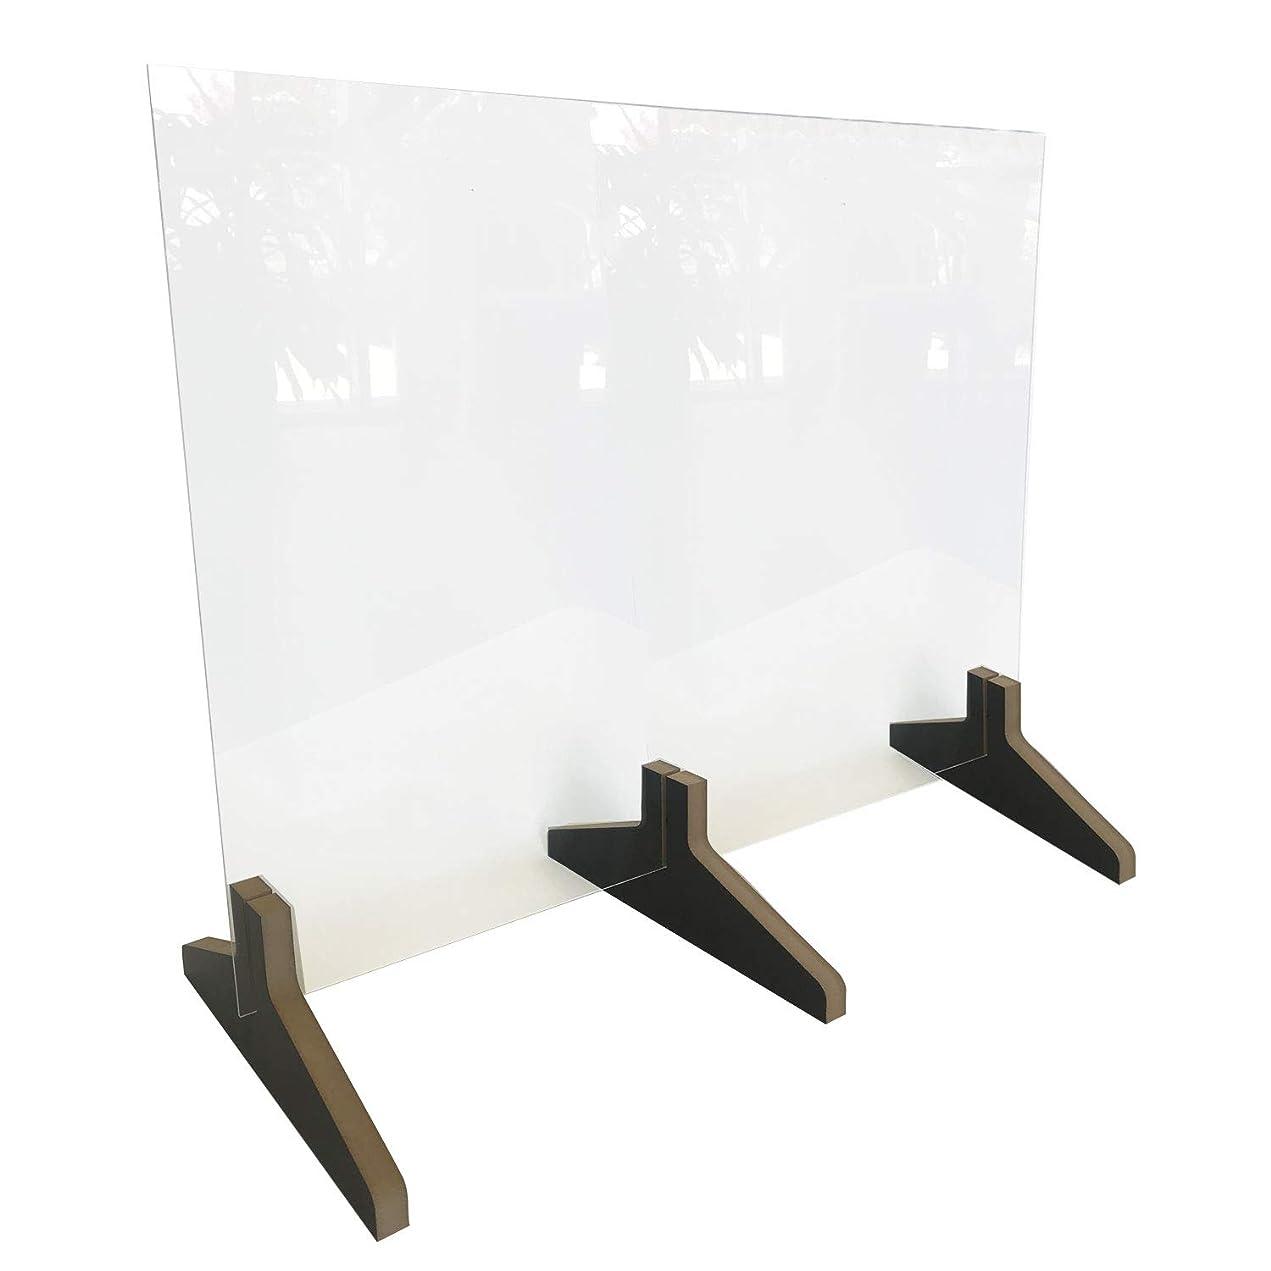 虐殺溶融制限するWaddell カウンタートップ保護プラスチックシールド フレームなし 奥行12インチ 木製ベース 高さ24インチ x 幅30インチ x 奥行き12インチ